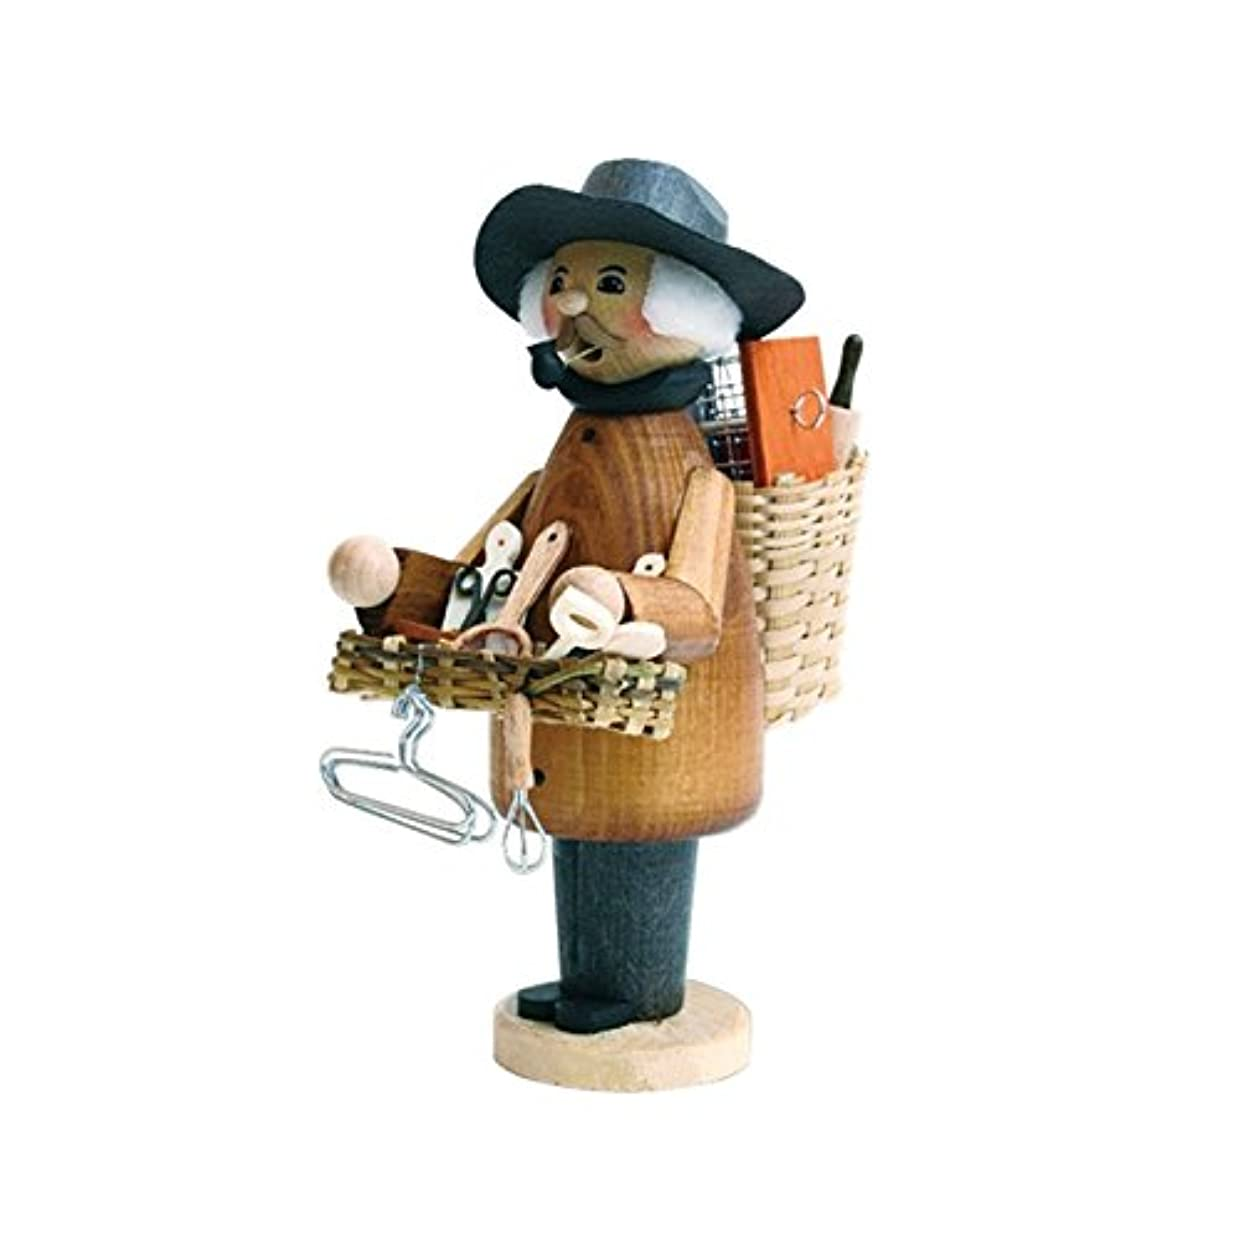 誰か価値のない引数クーネルト ミニパイプ人形香炉 道具売り